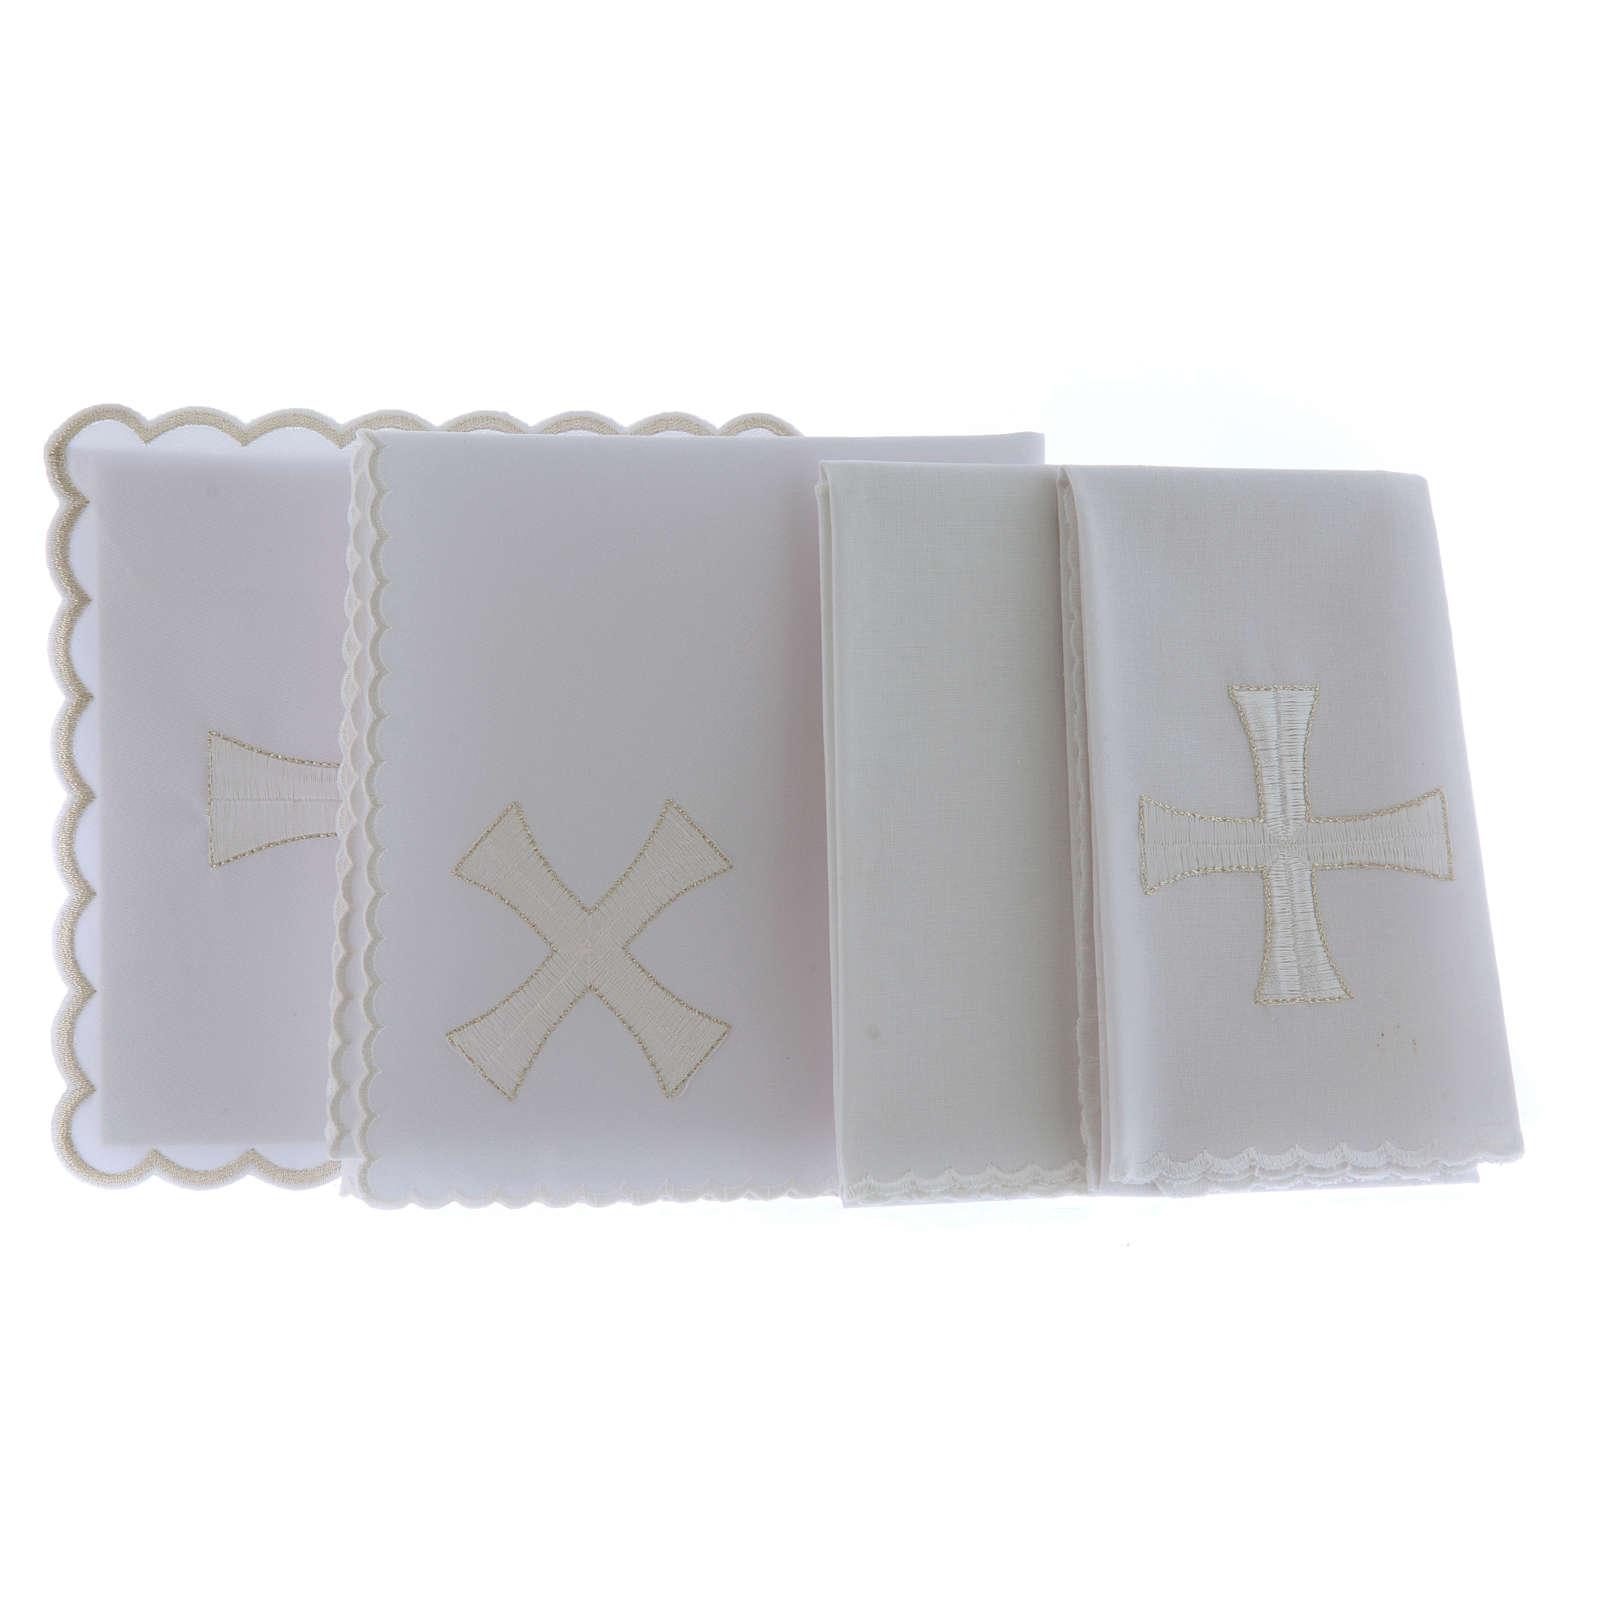 Conjunto de alfaia algodão bordado cruz branca prata 4